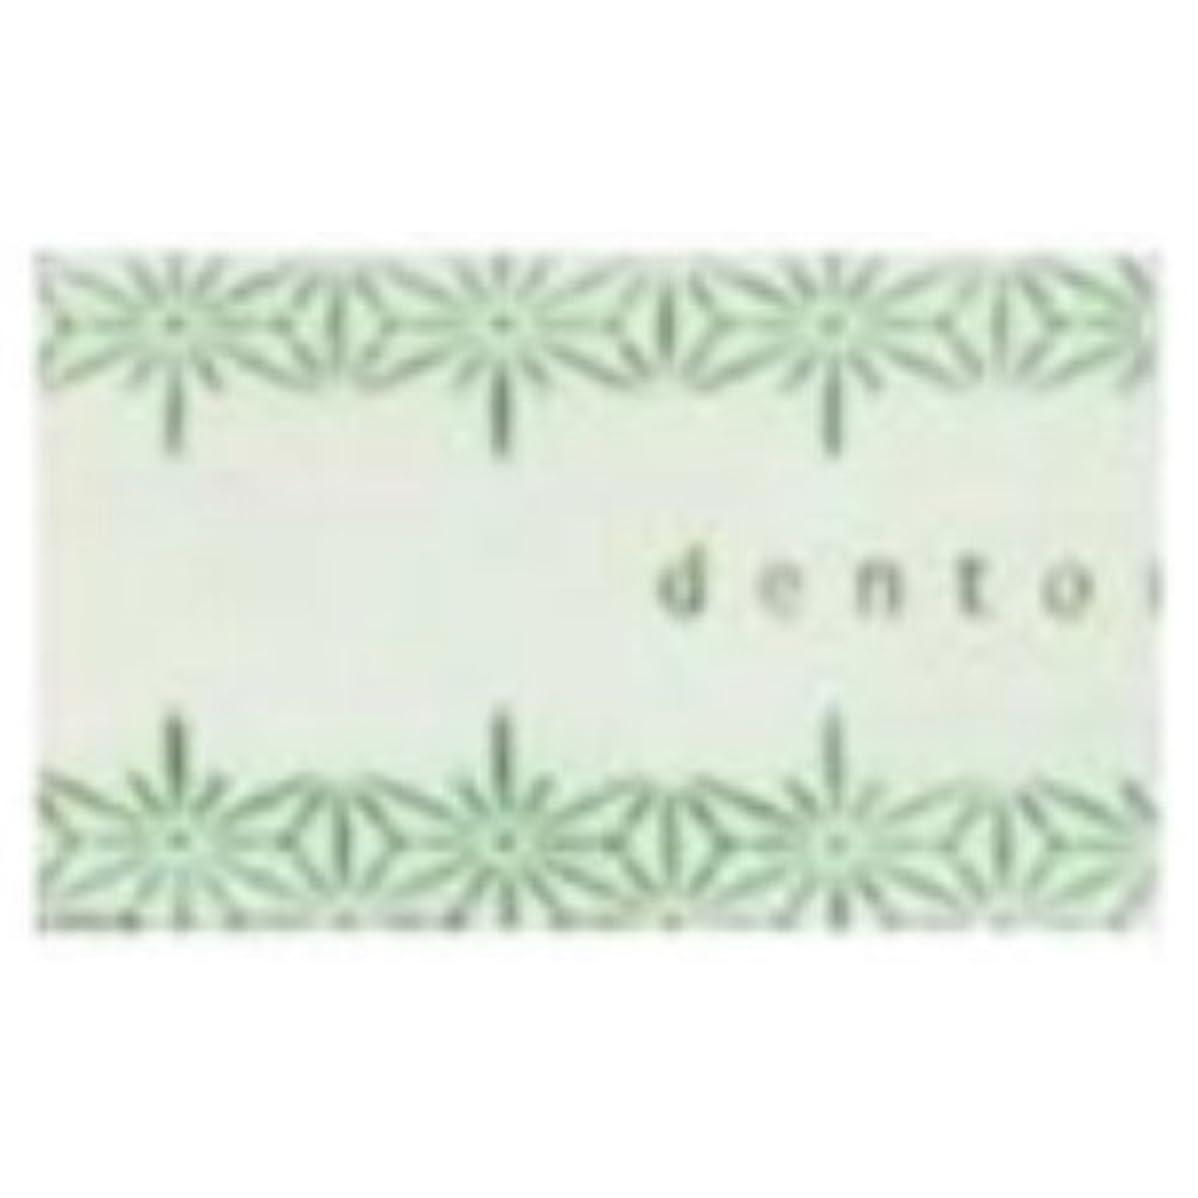 機関車機関車発生薫寿堂 紙のお香 美香 雅の香り 30枚入